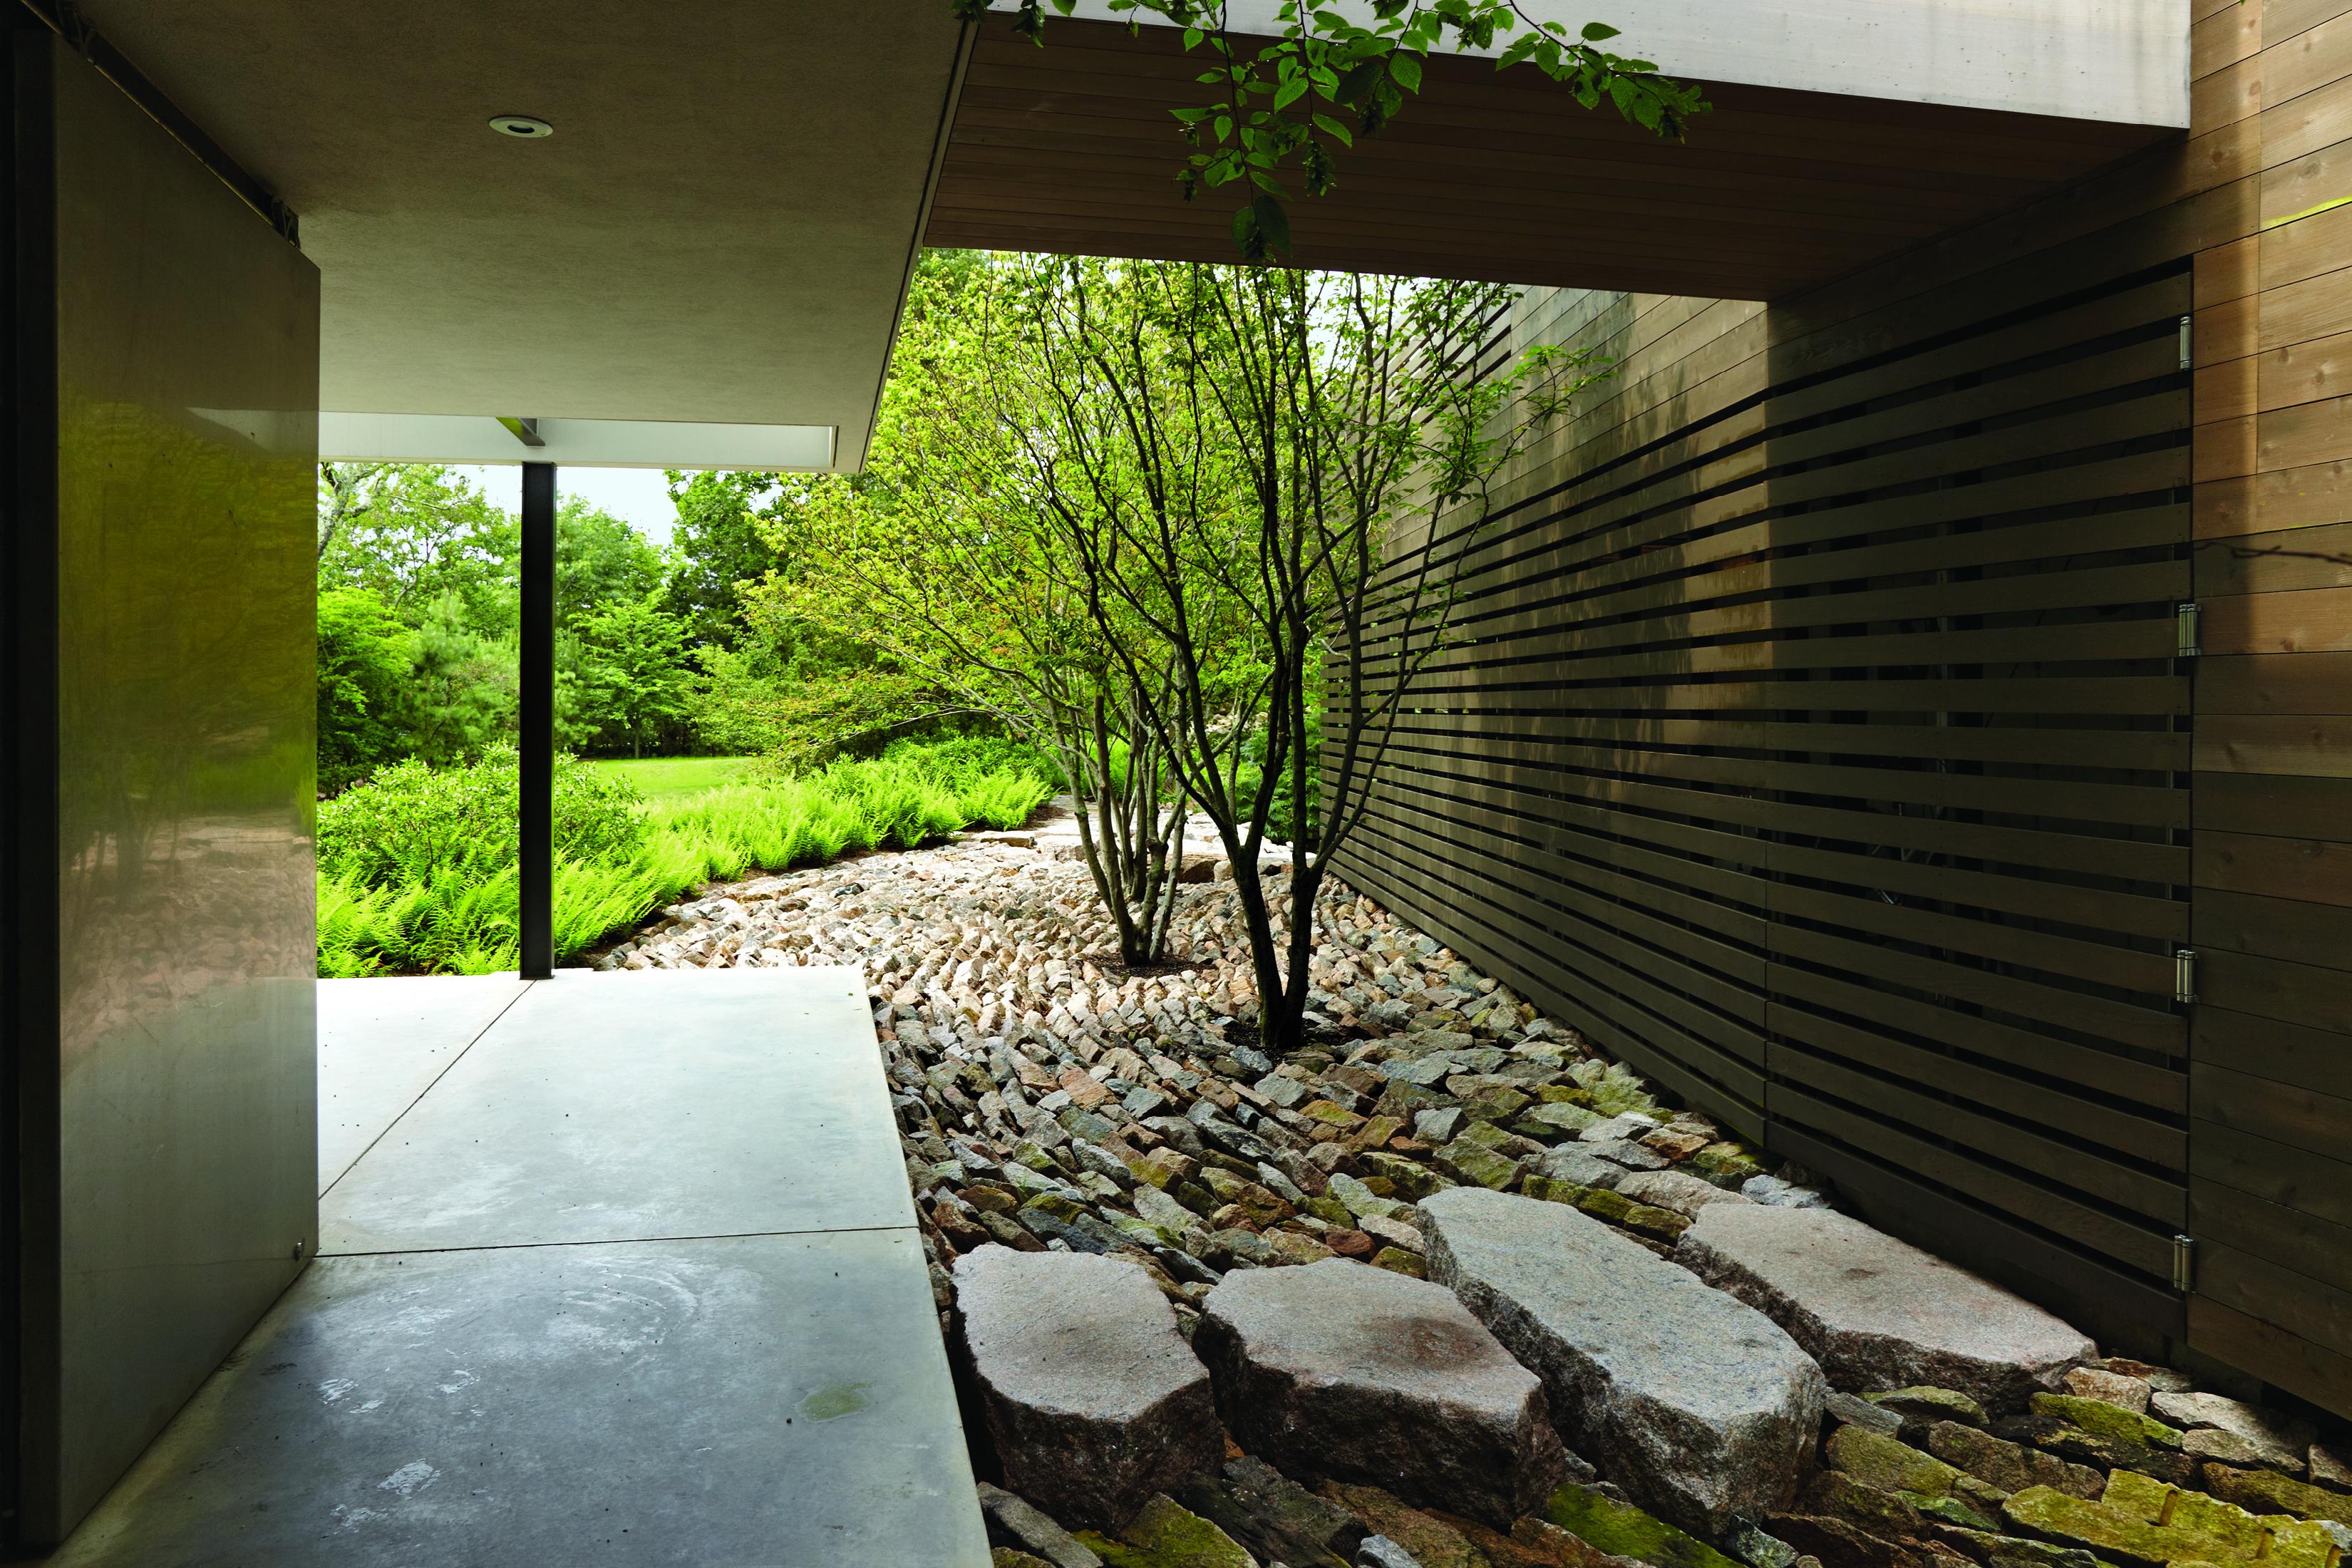 Asla 2012 professional awards reordering old quarry for Jardines japoneses modernos